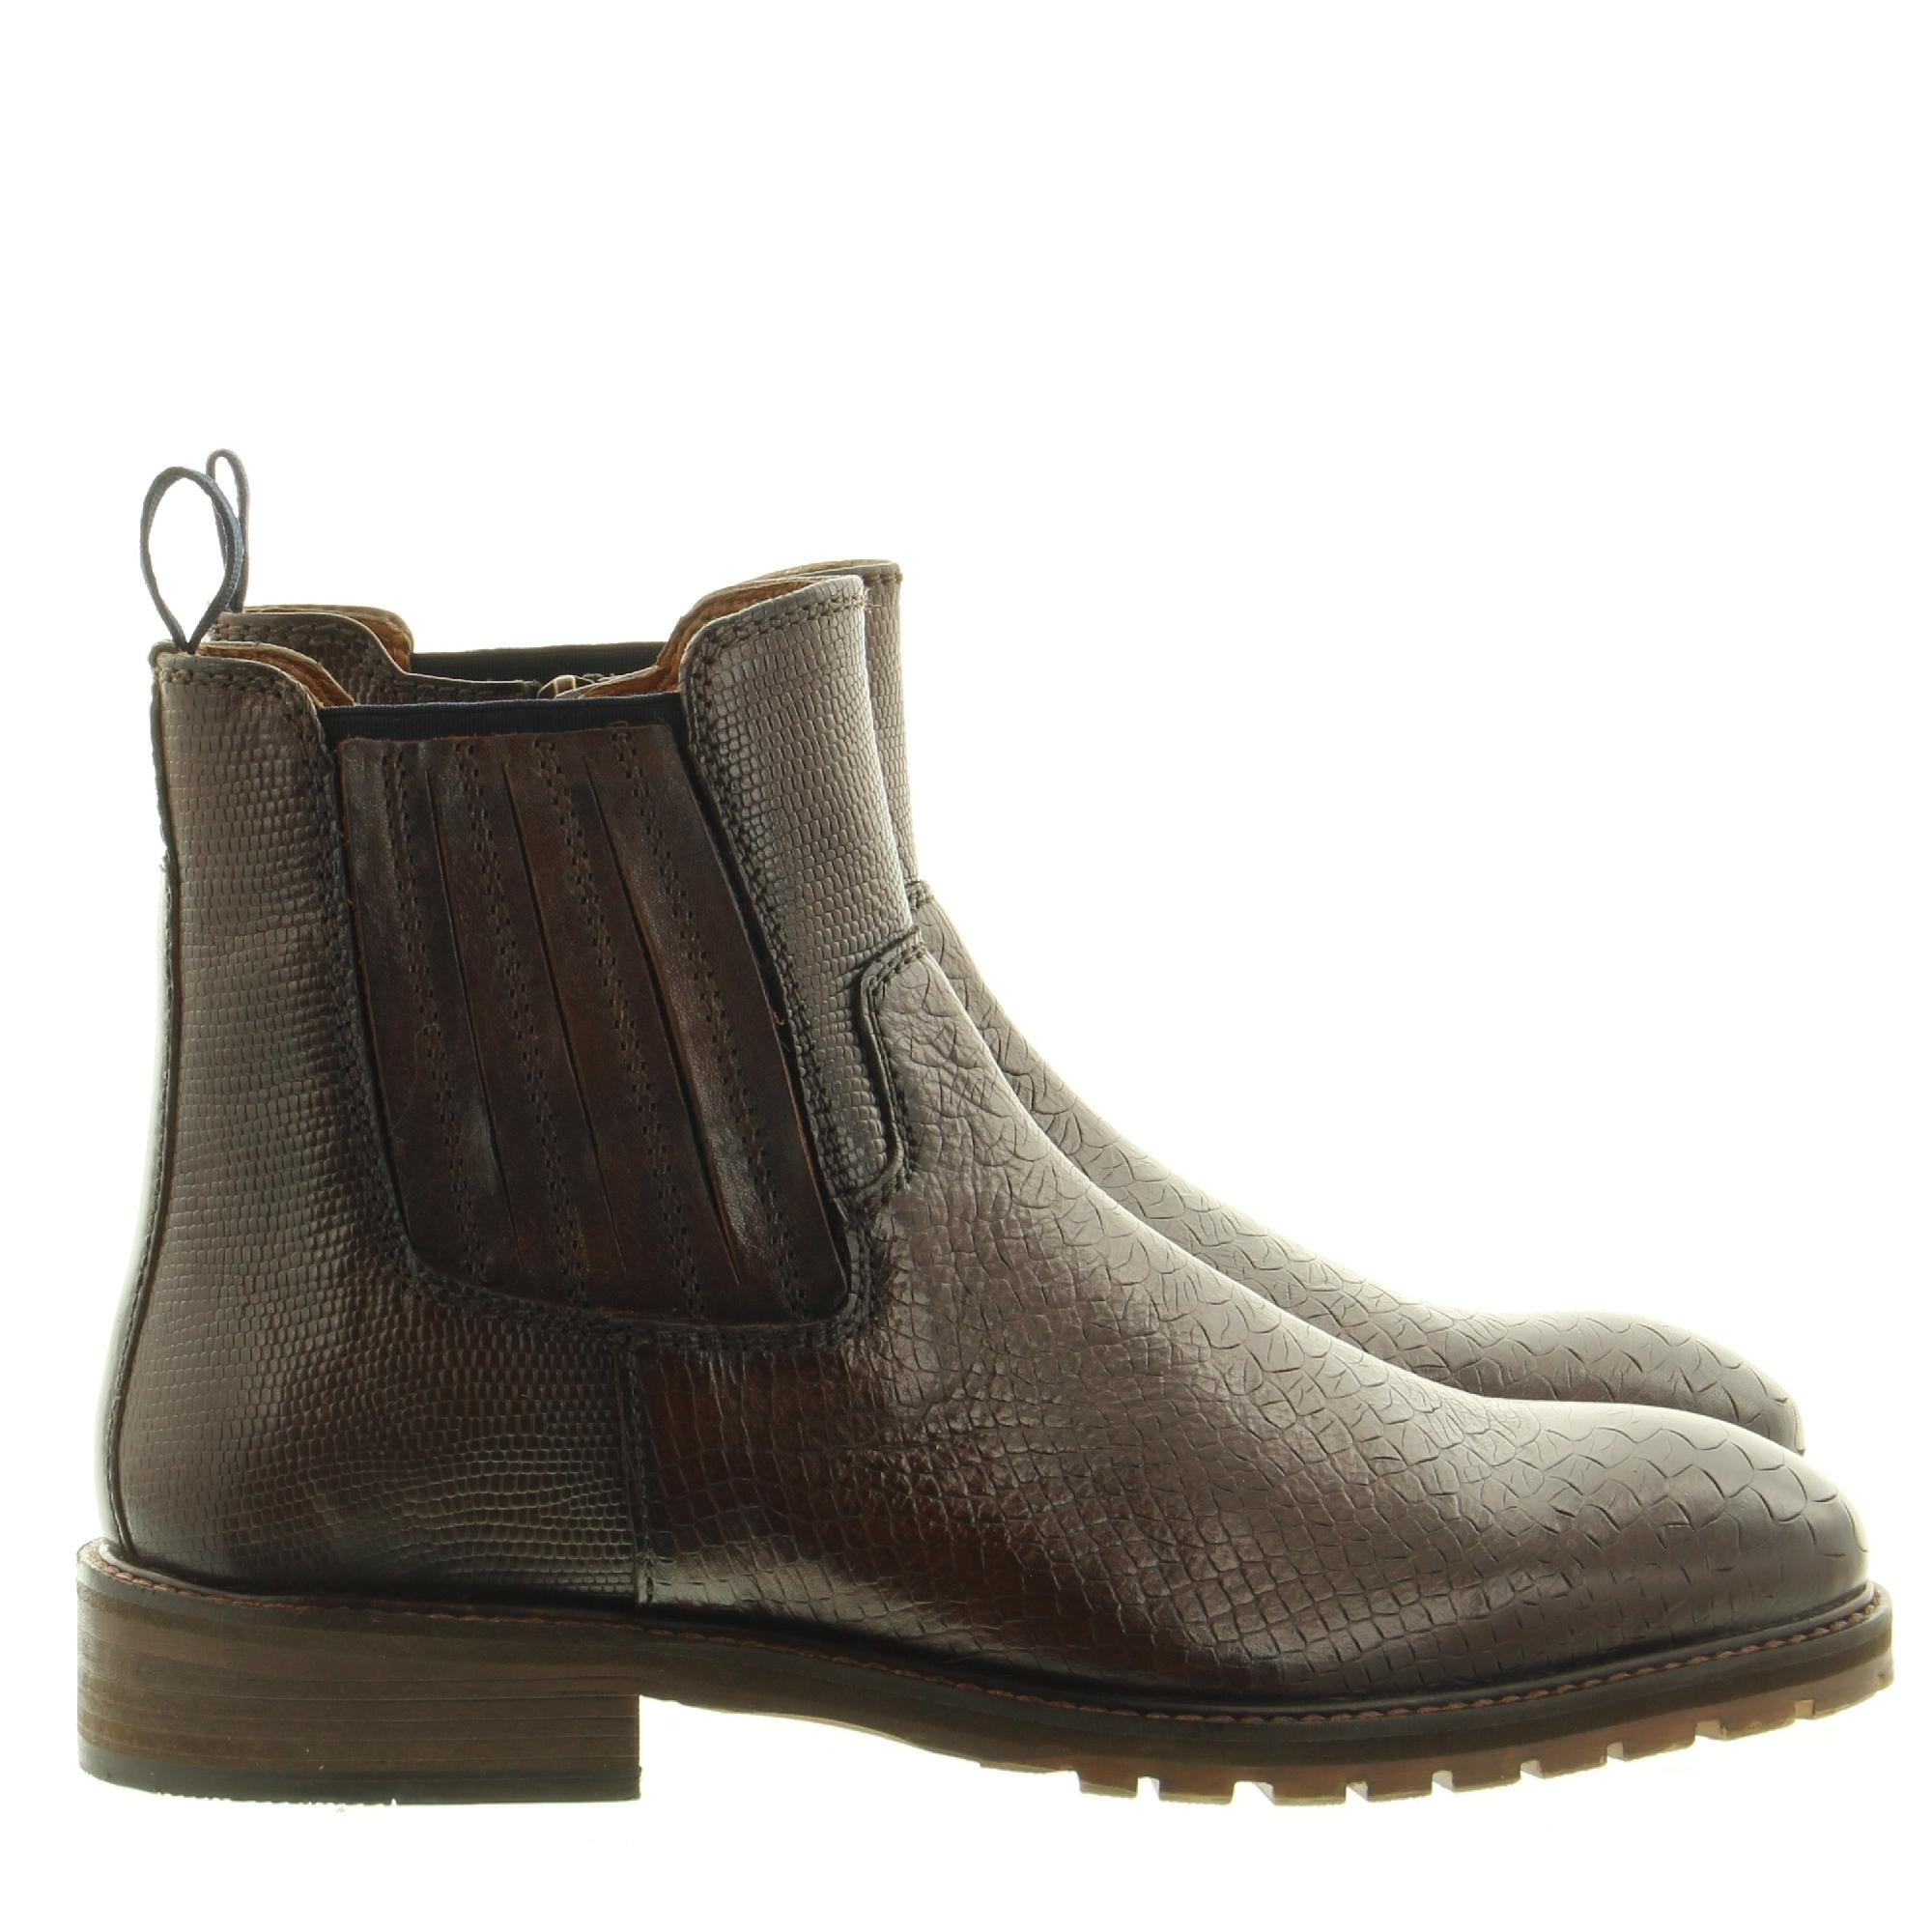 Australian Footwear Fabbrizio 15.1498.01 D47 Brown